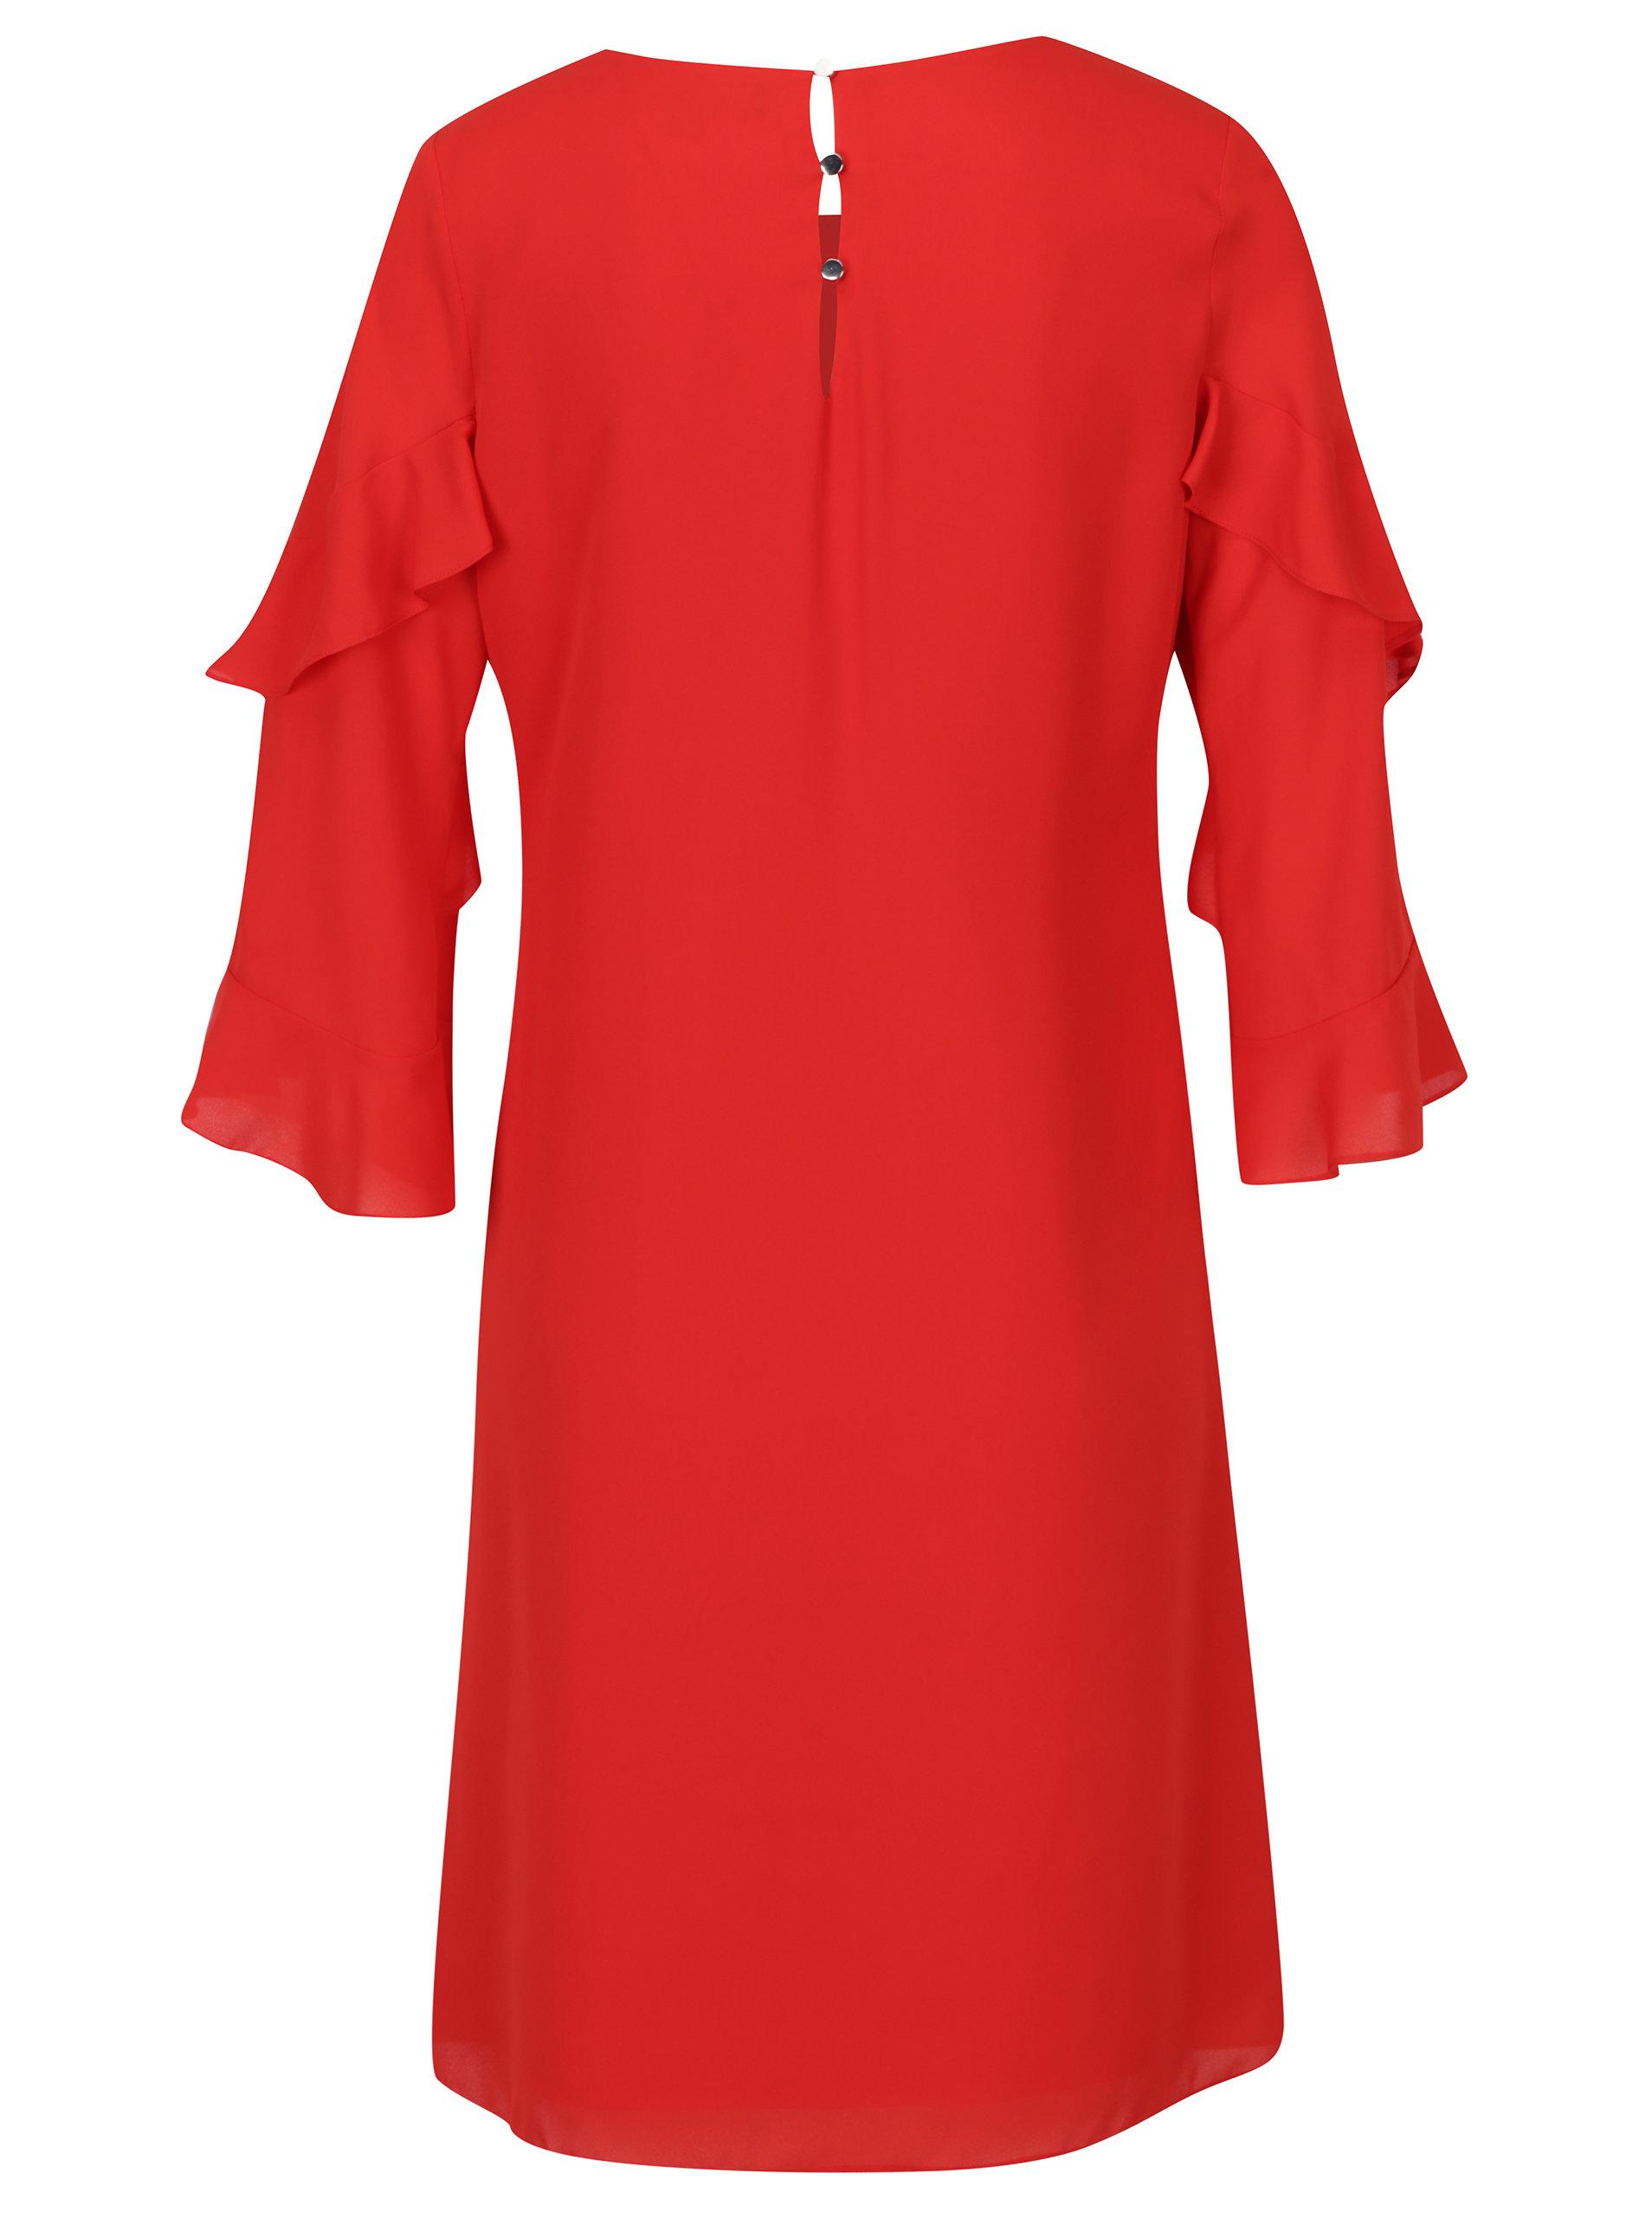 7fedafd2f0c7 Červené voľné šaty s volánmi na rukávoch Dorothy Perkins Tall ...